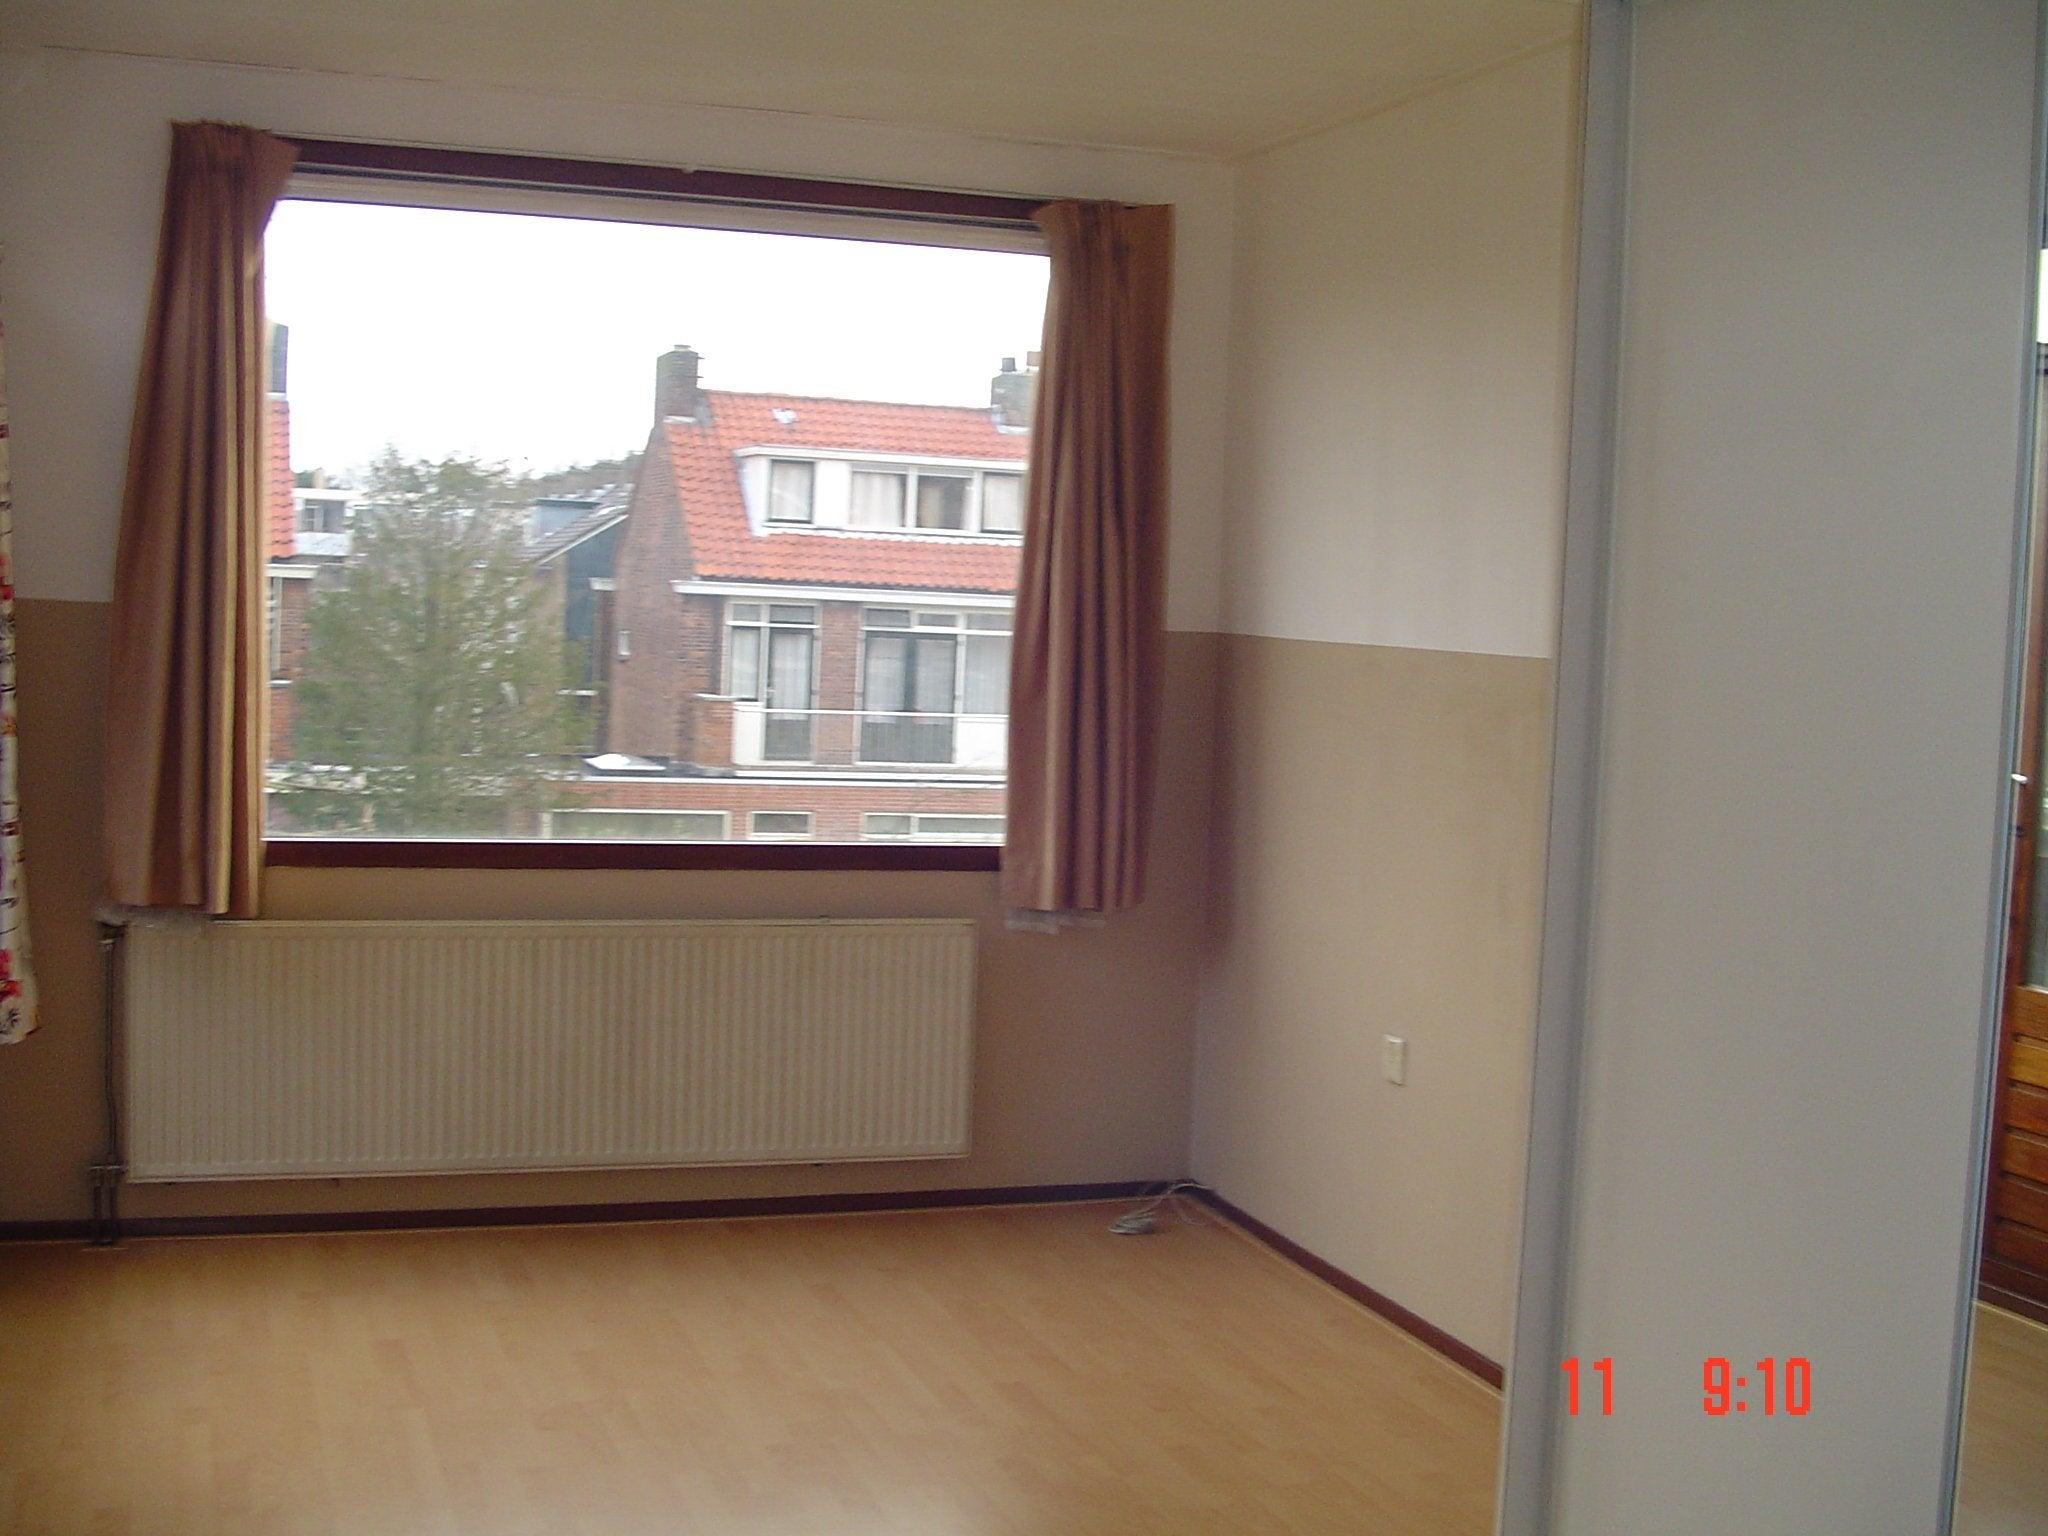 Molenlaan, Rotterdam